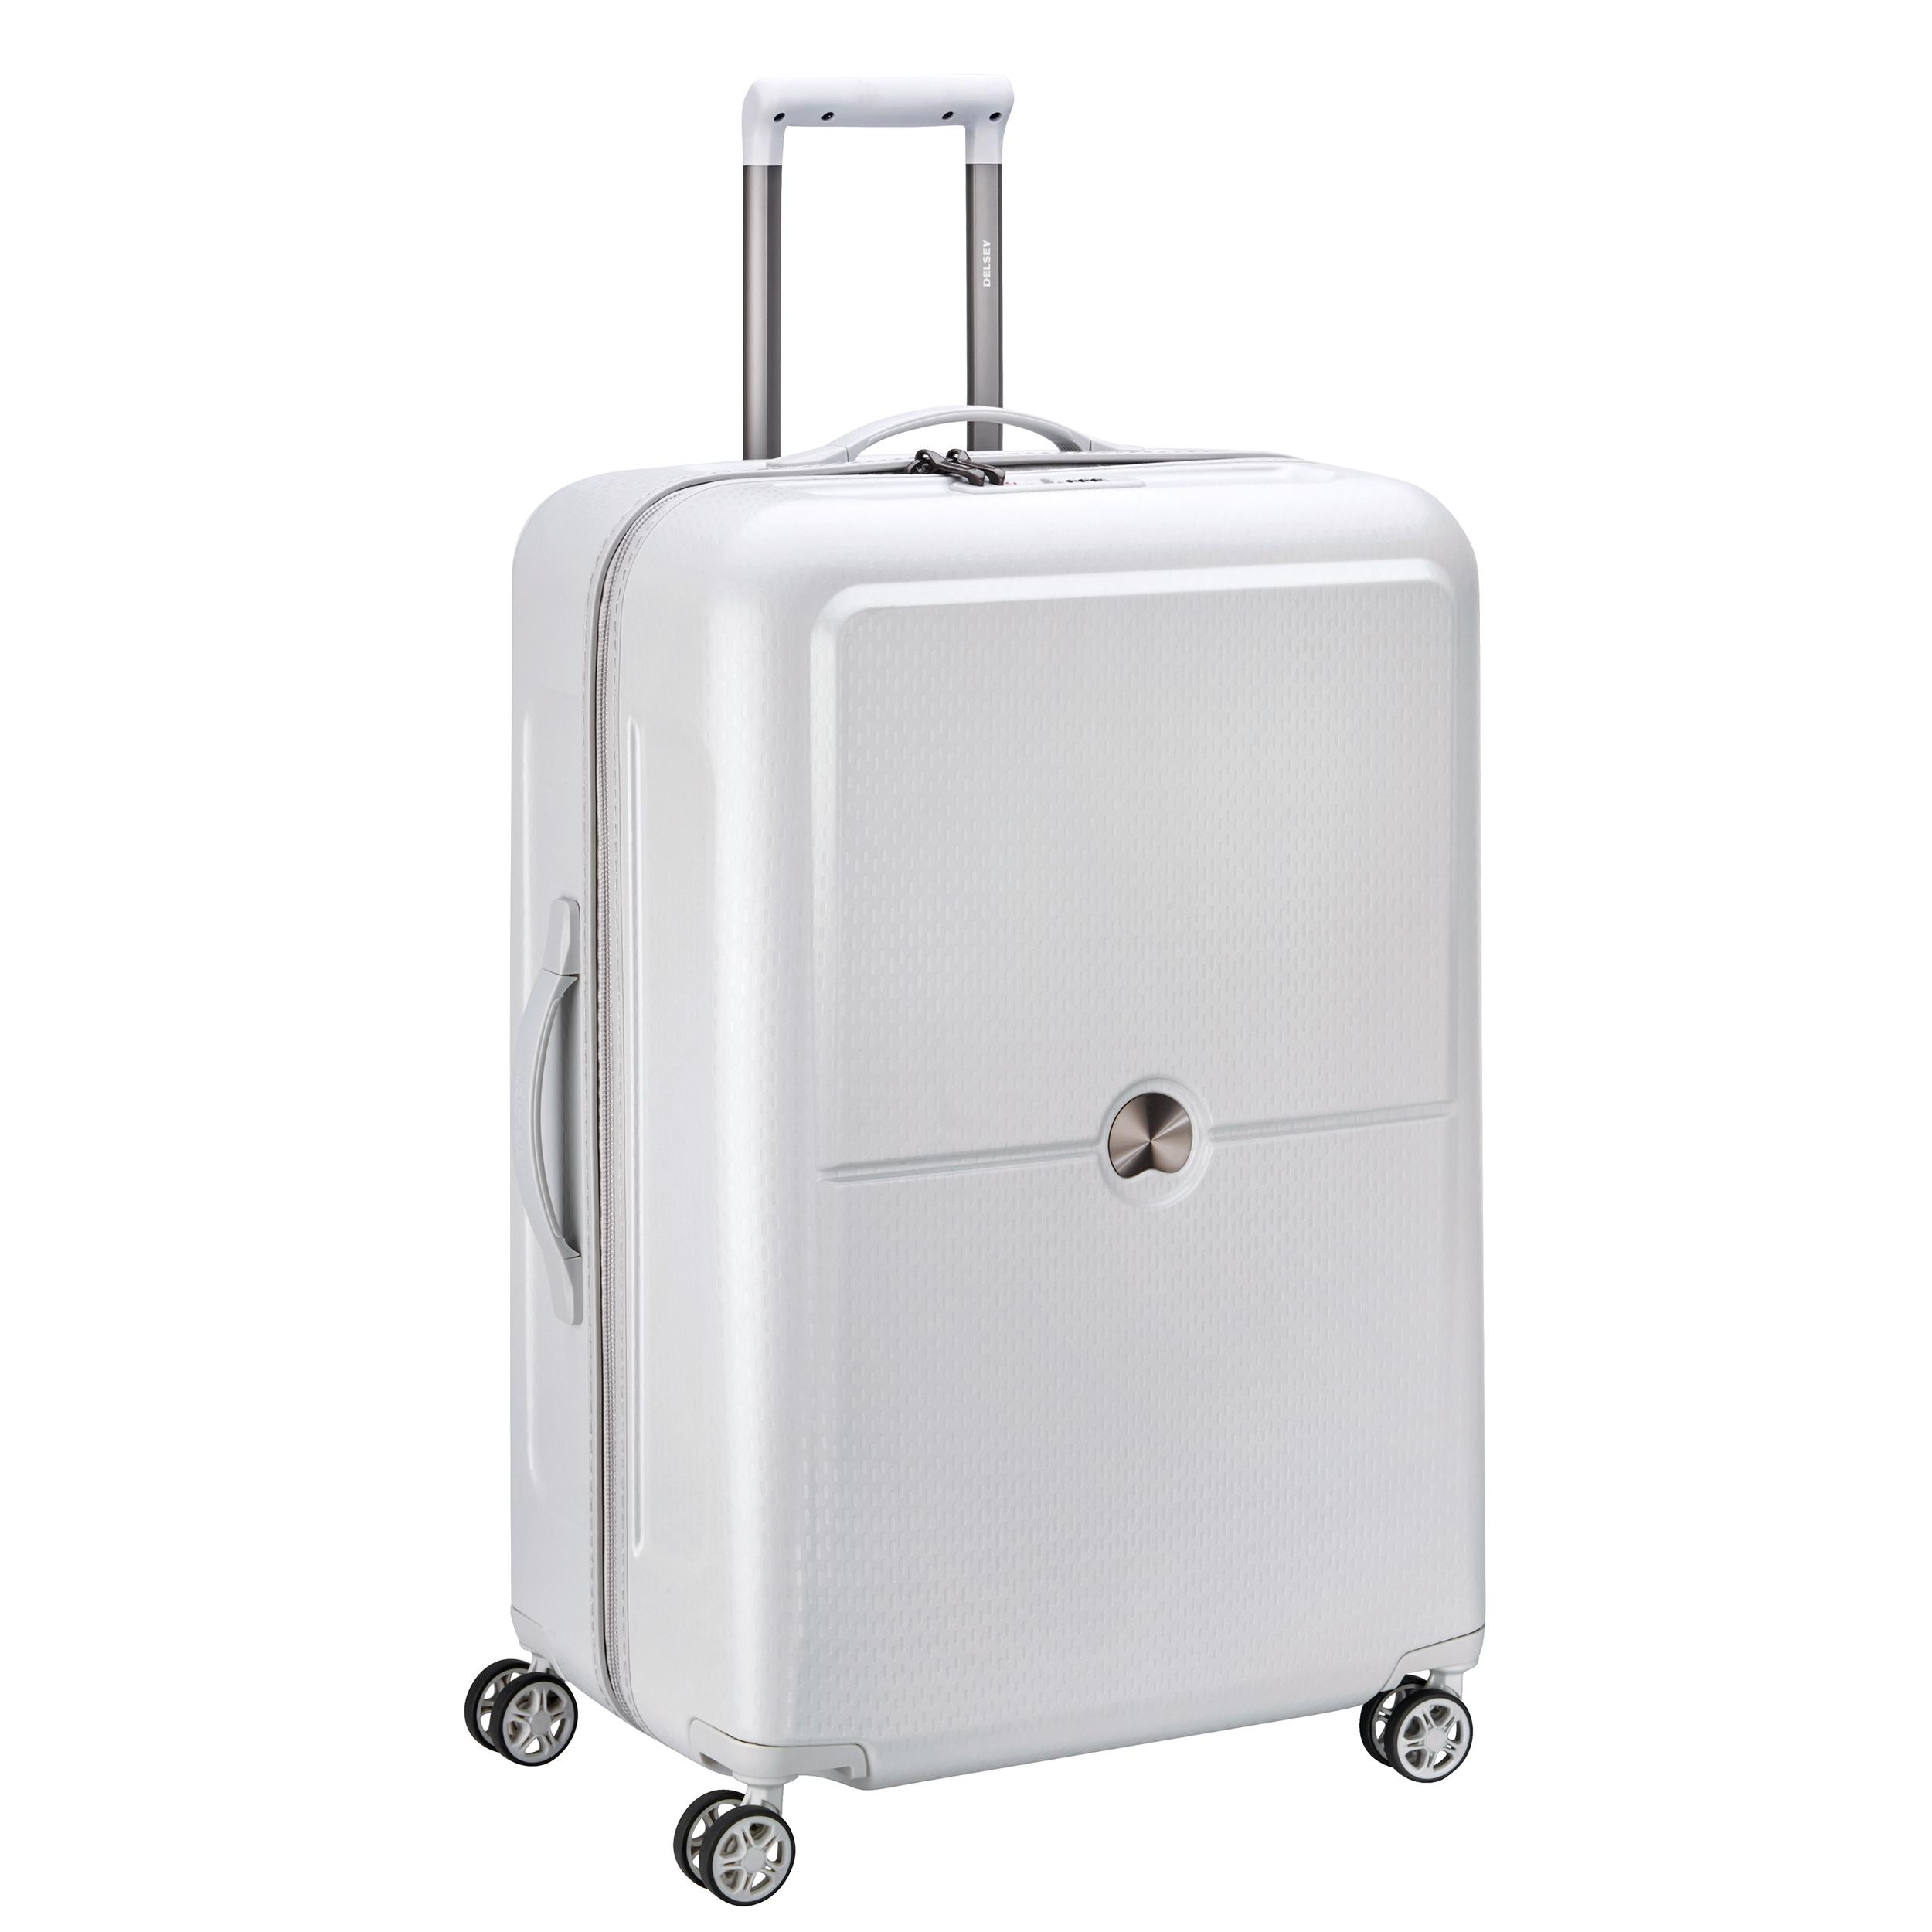 چمدان دلسی مدل TURENNE کد 1621820 سایز متوسط